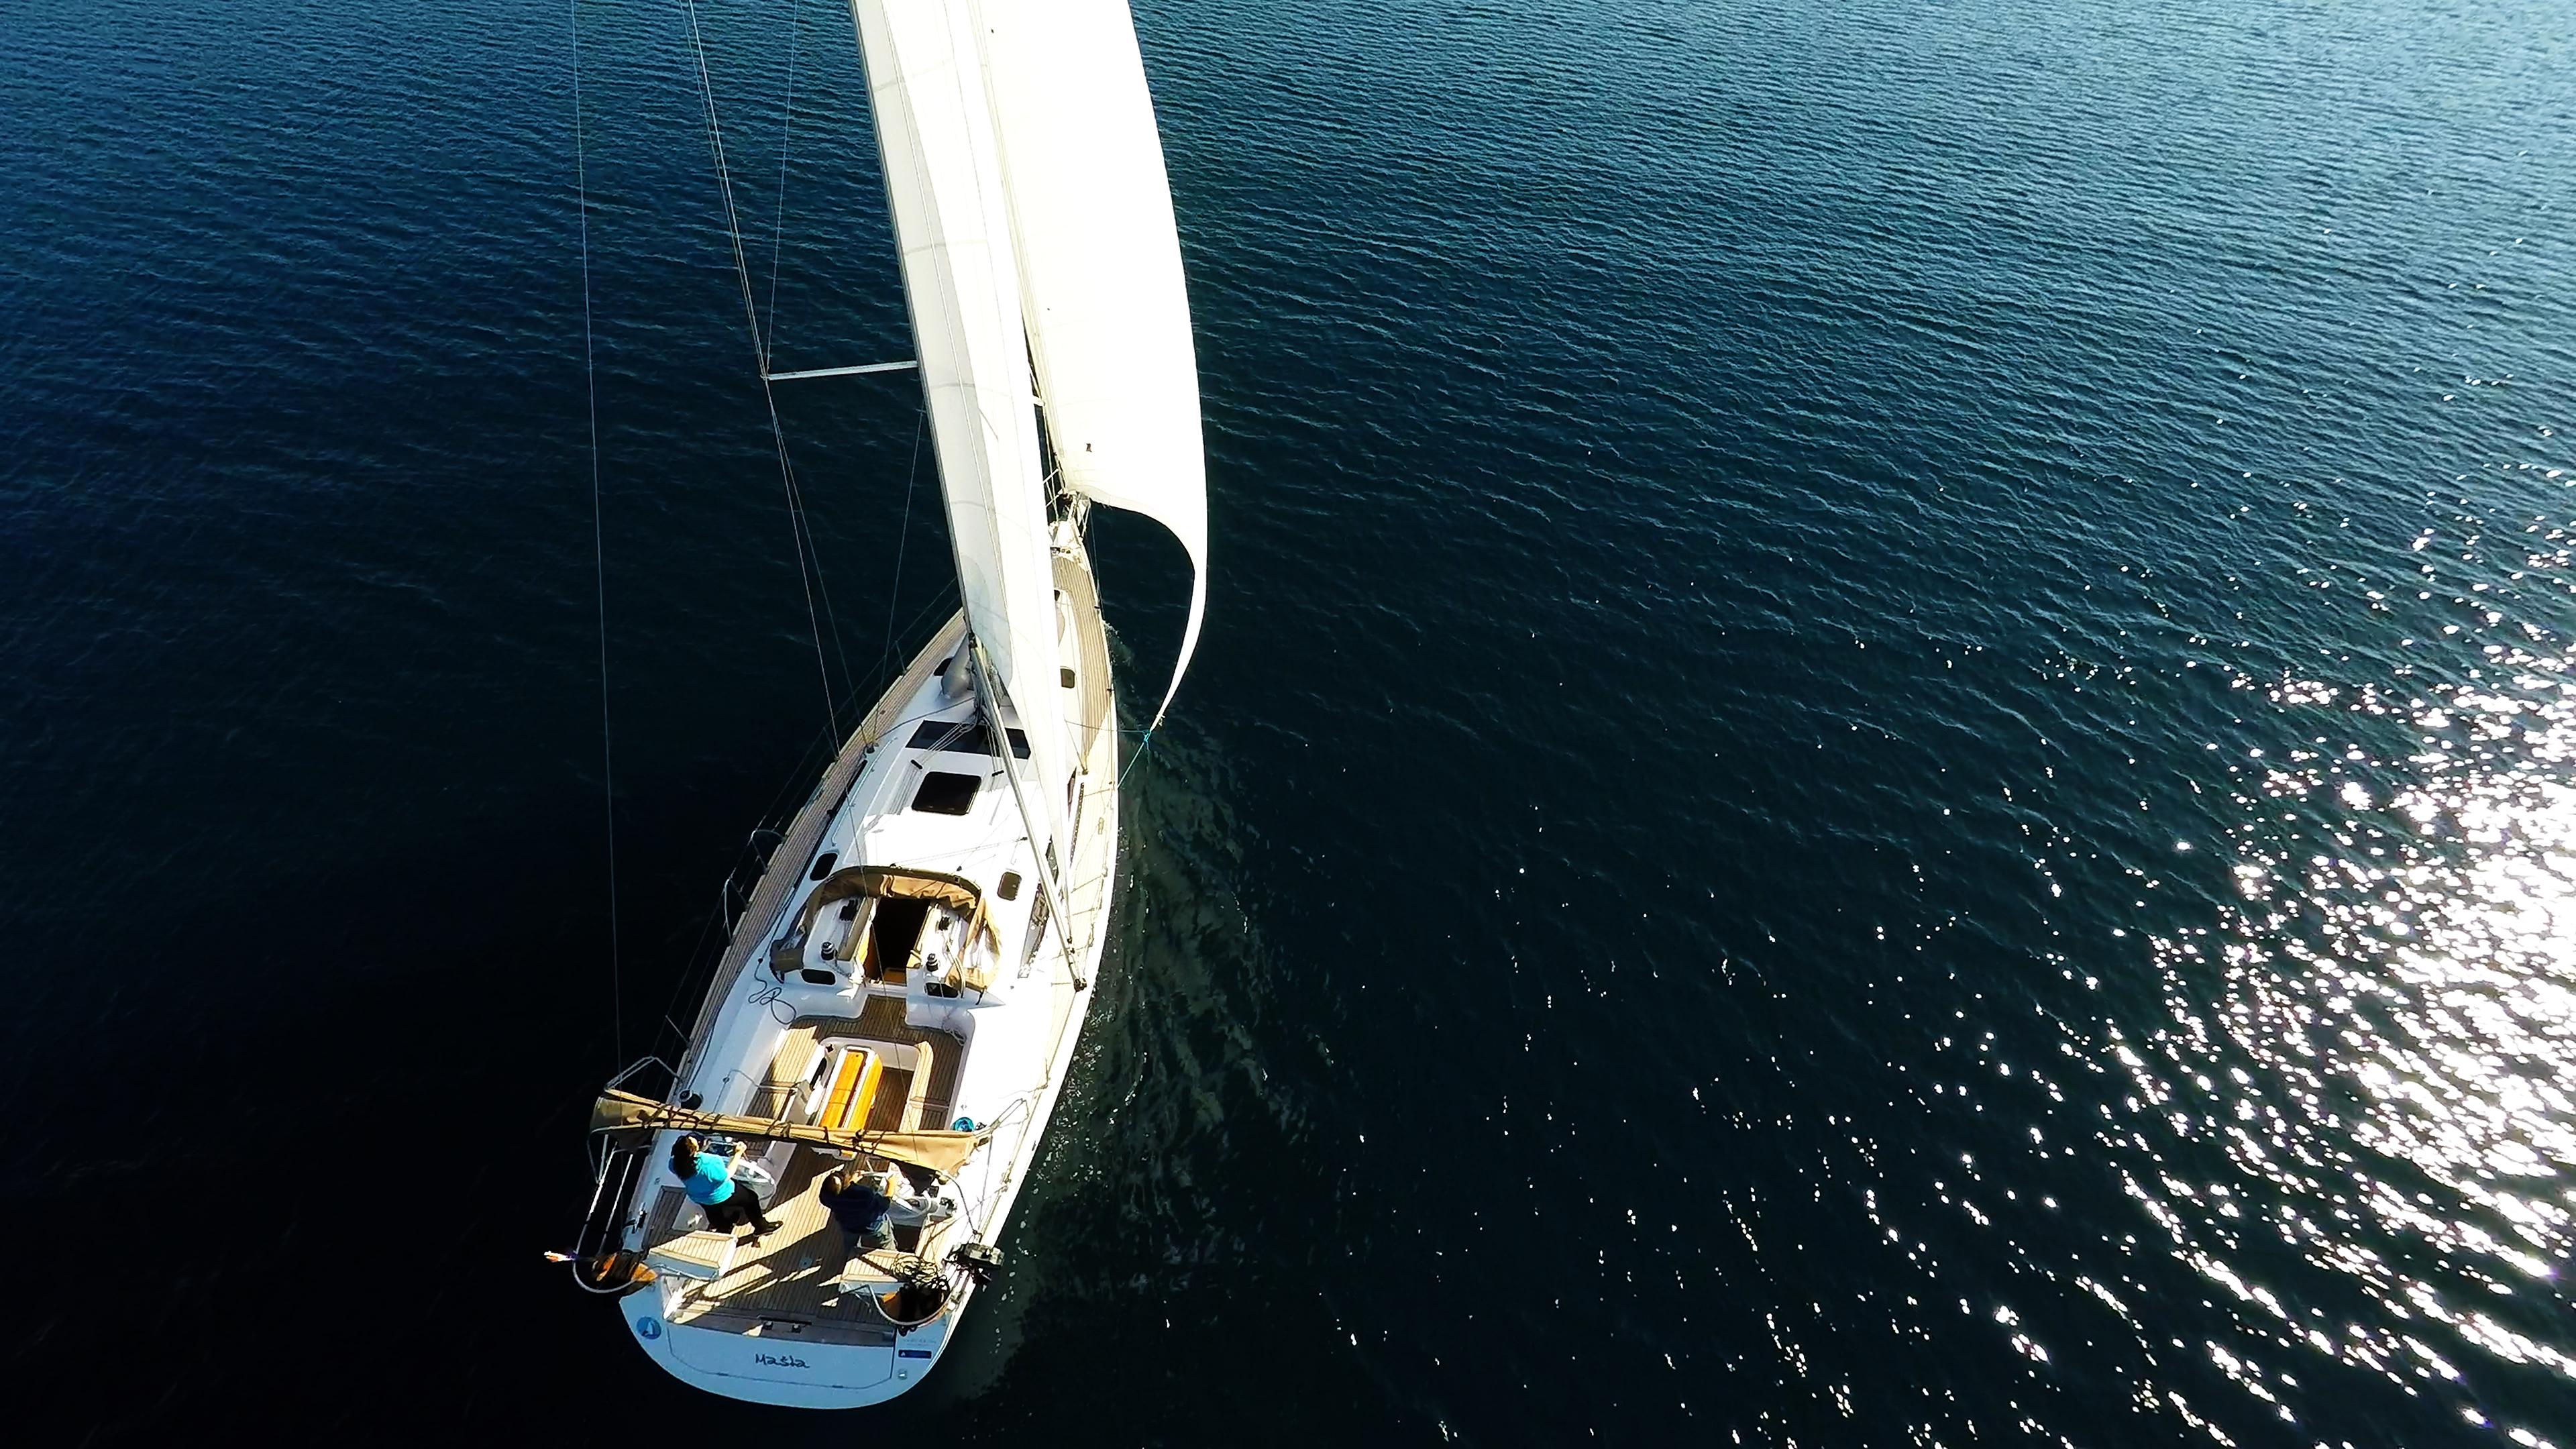 barcha a vela yacht a vela elan 45 impression ponte vele timoni ruota